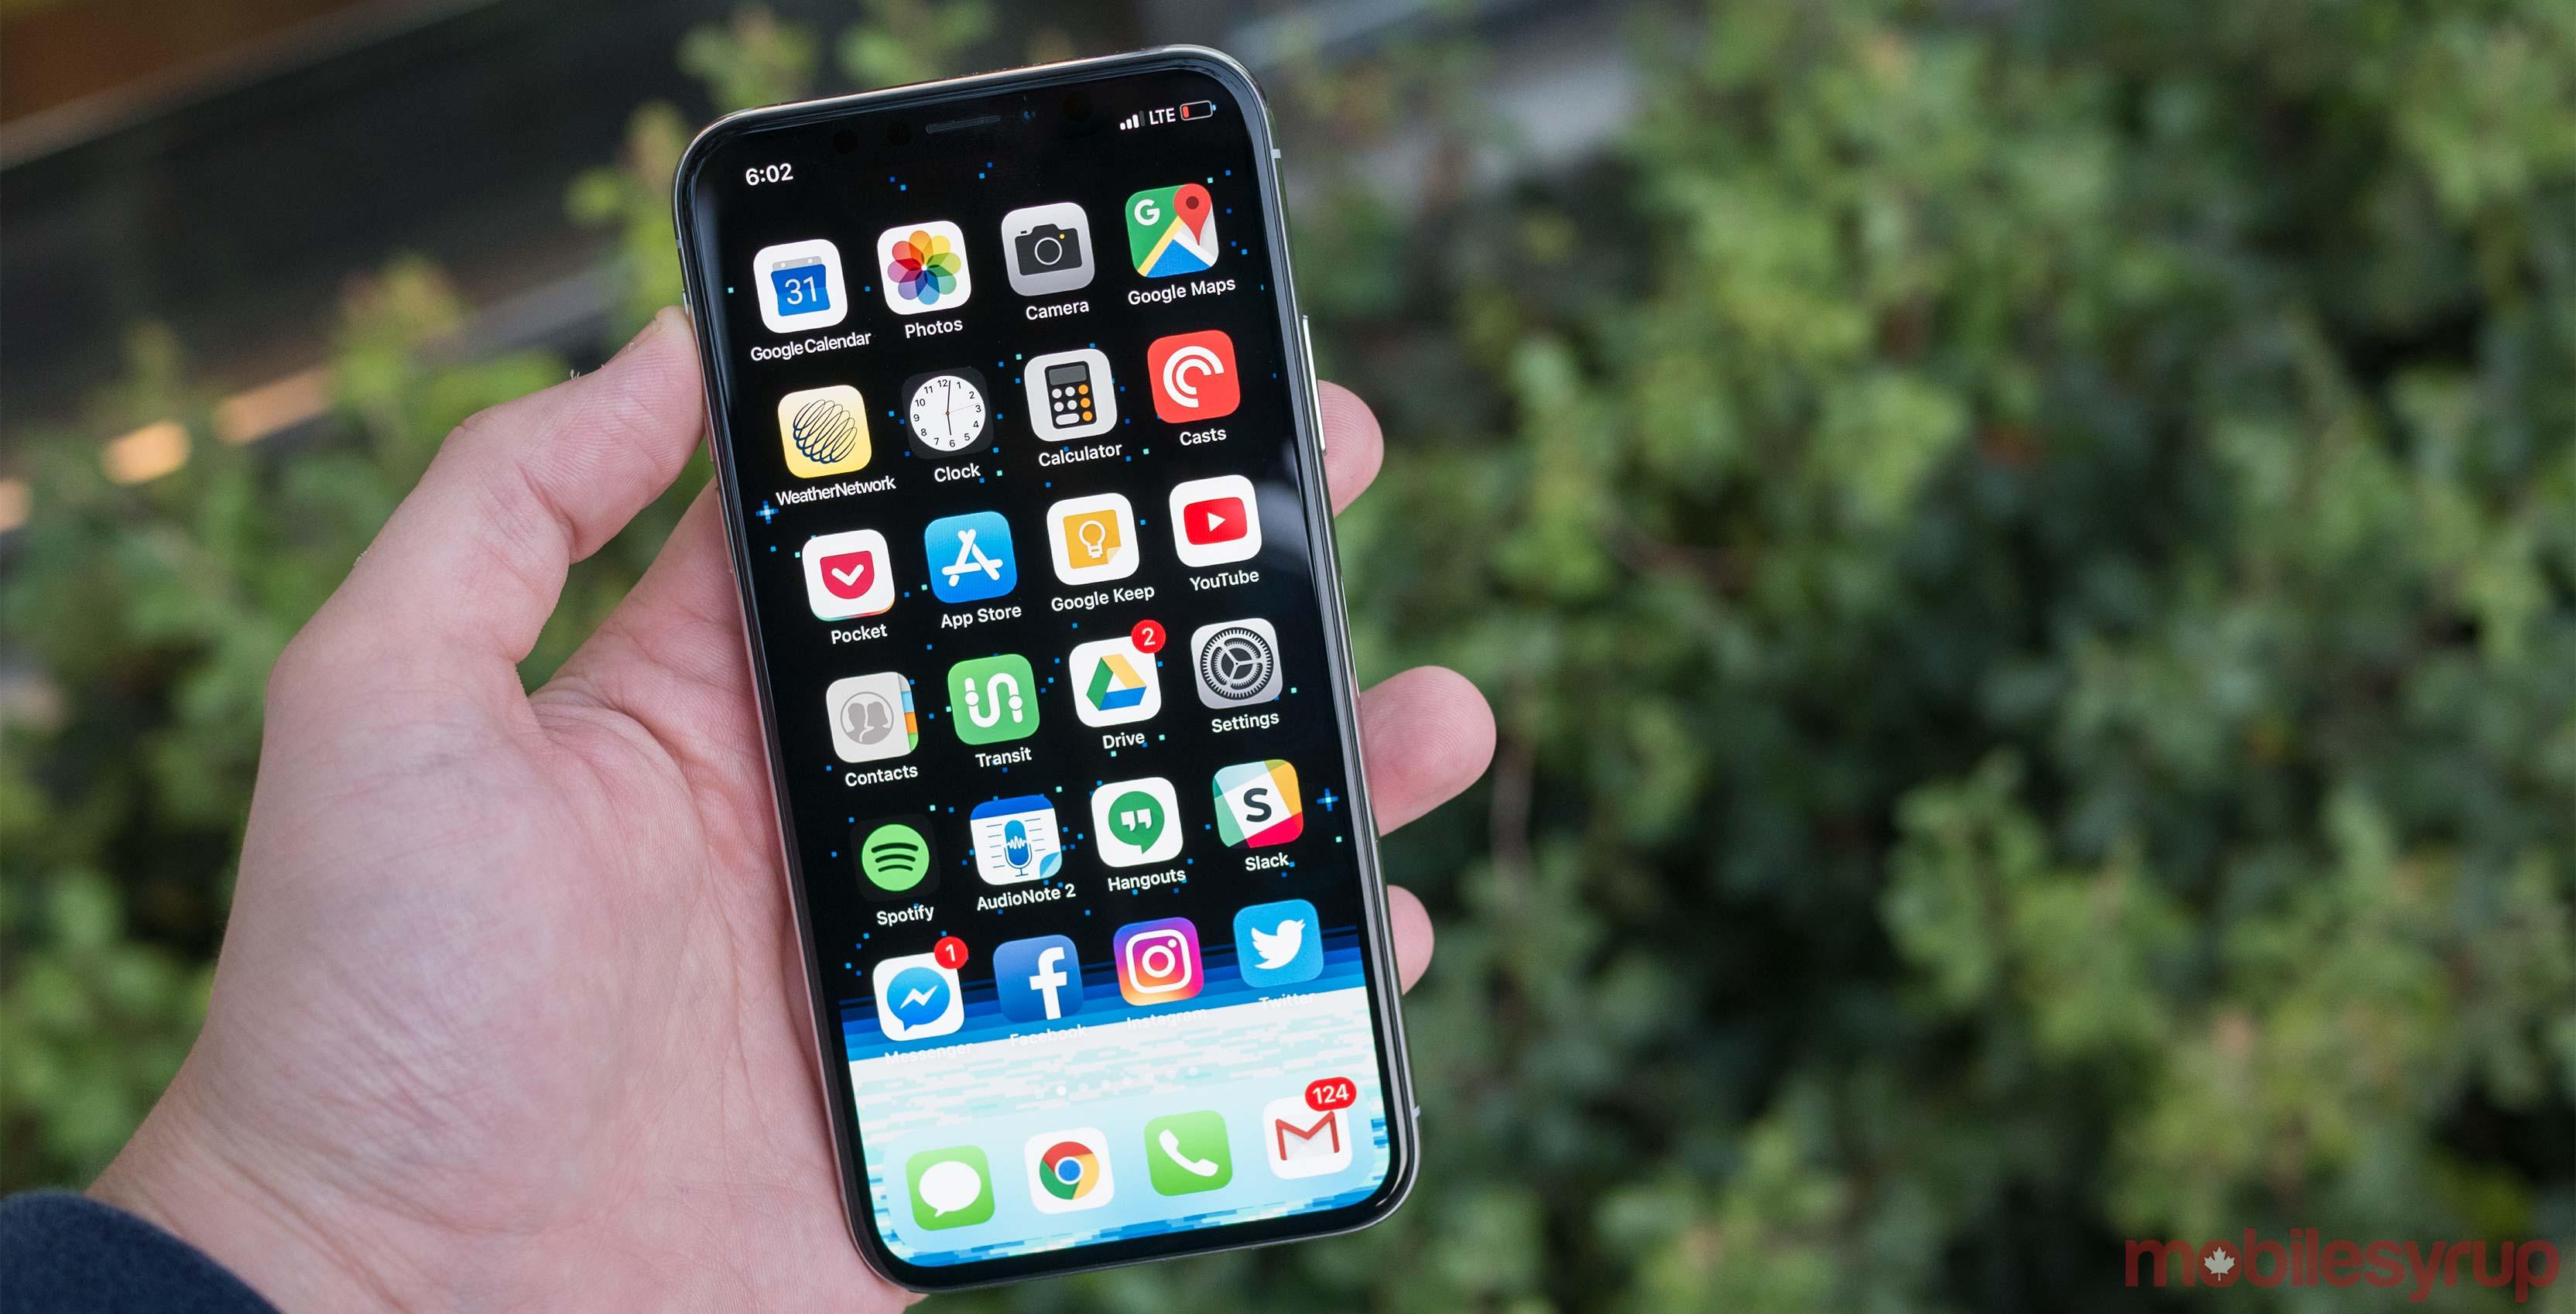 iPhone X display screen